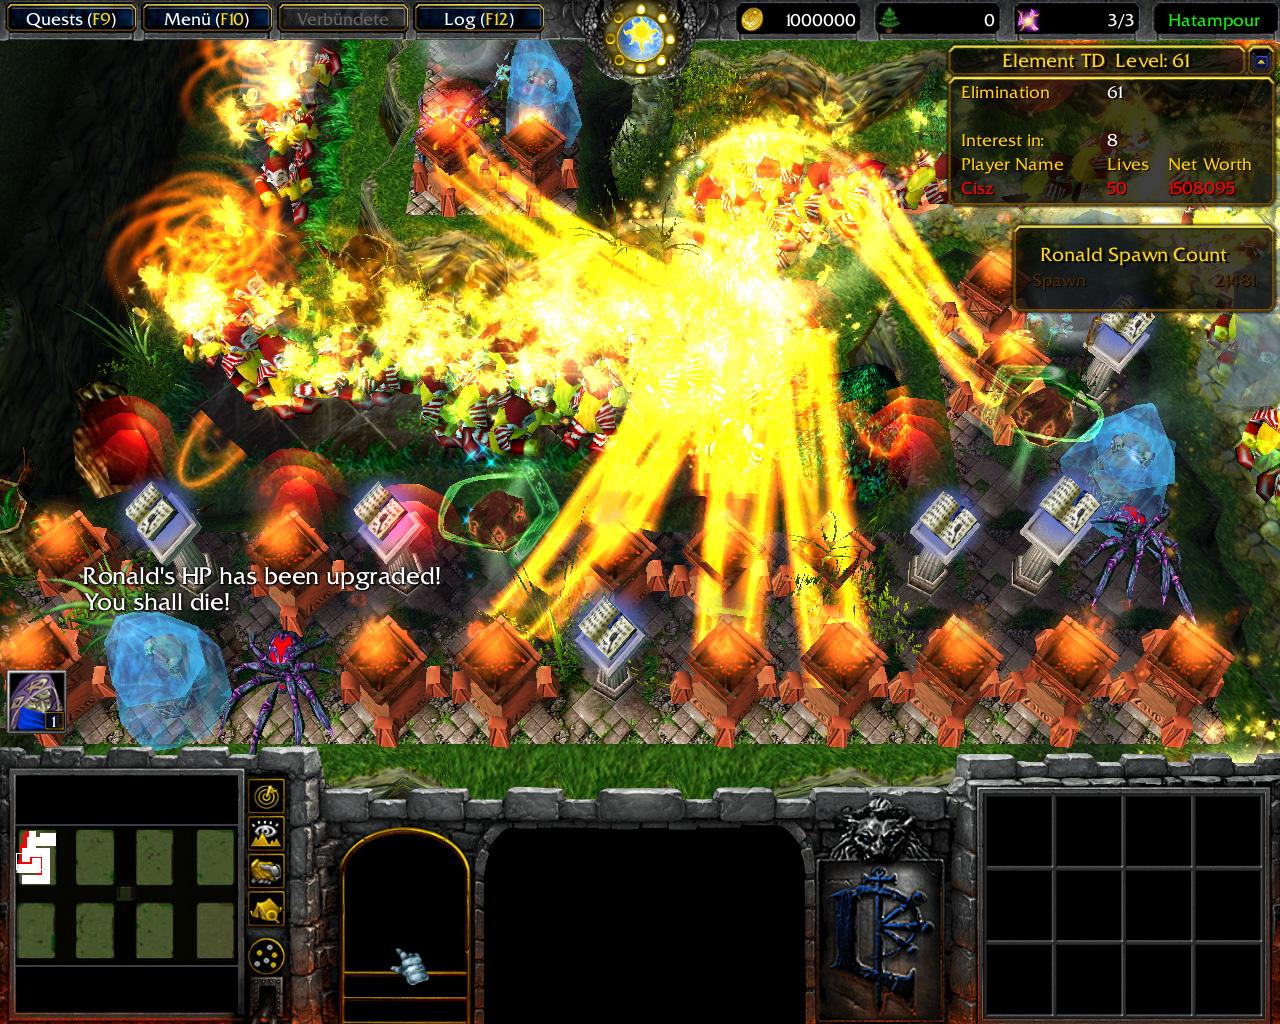 Советуем вашему просмотру видео играем в warcraft iii карту circle green td с дарком ,картменом и костетом